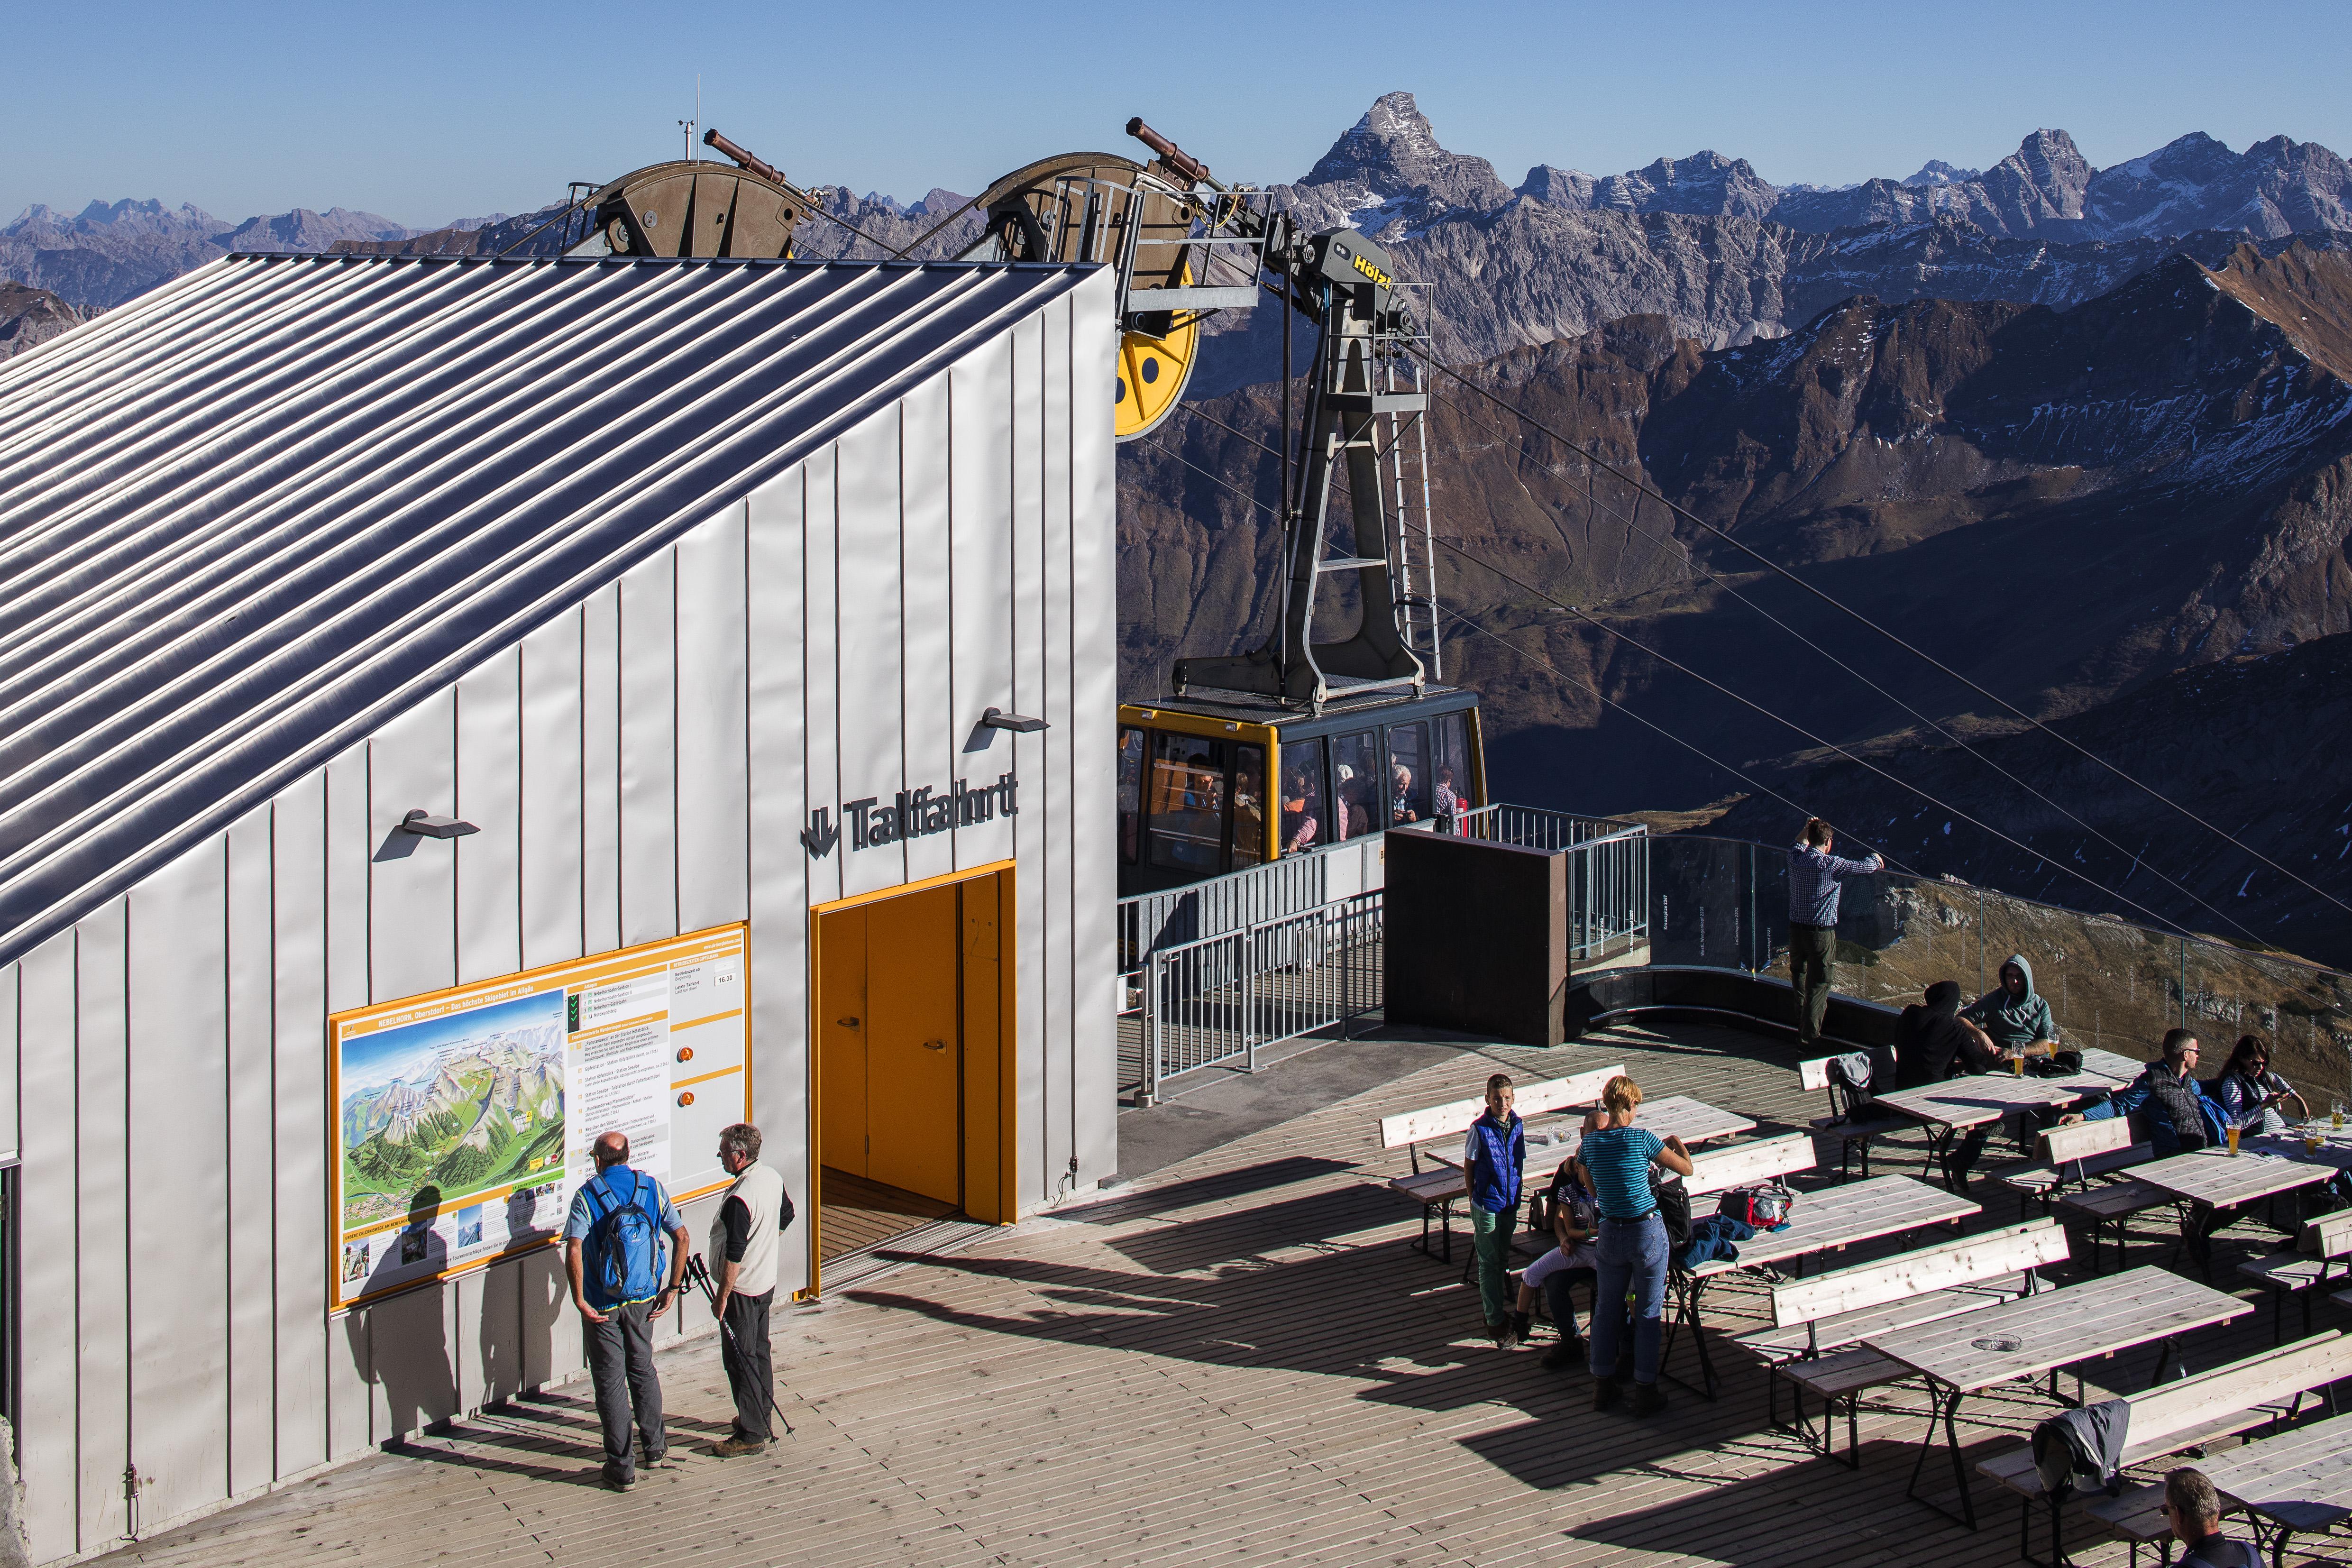 Haus mit Roofinox Classic Edelstahl Oberfläche. Diese Oberfläche ist matt mit sehr geringem Reflexionsgrad, der durch kalte Bürstwalzung erreicht wird.